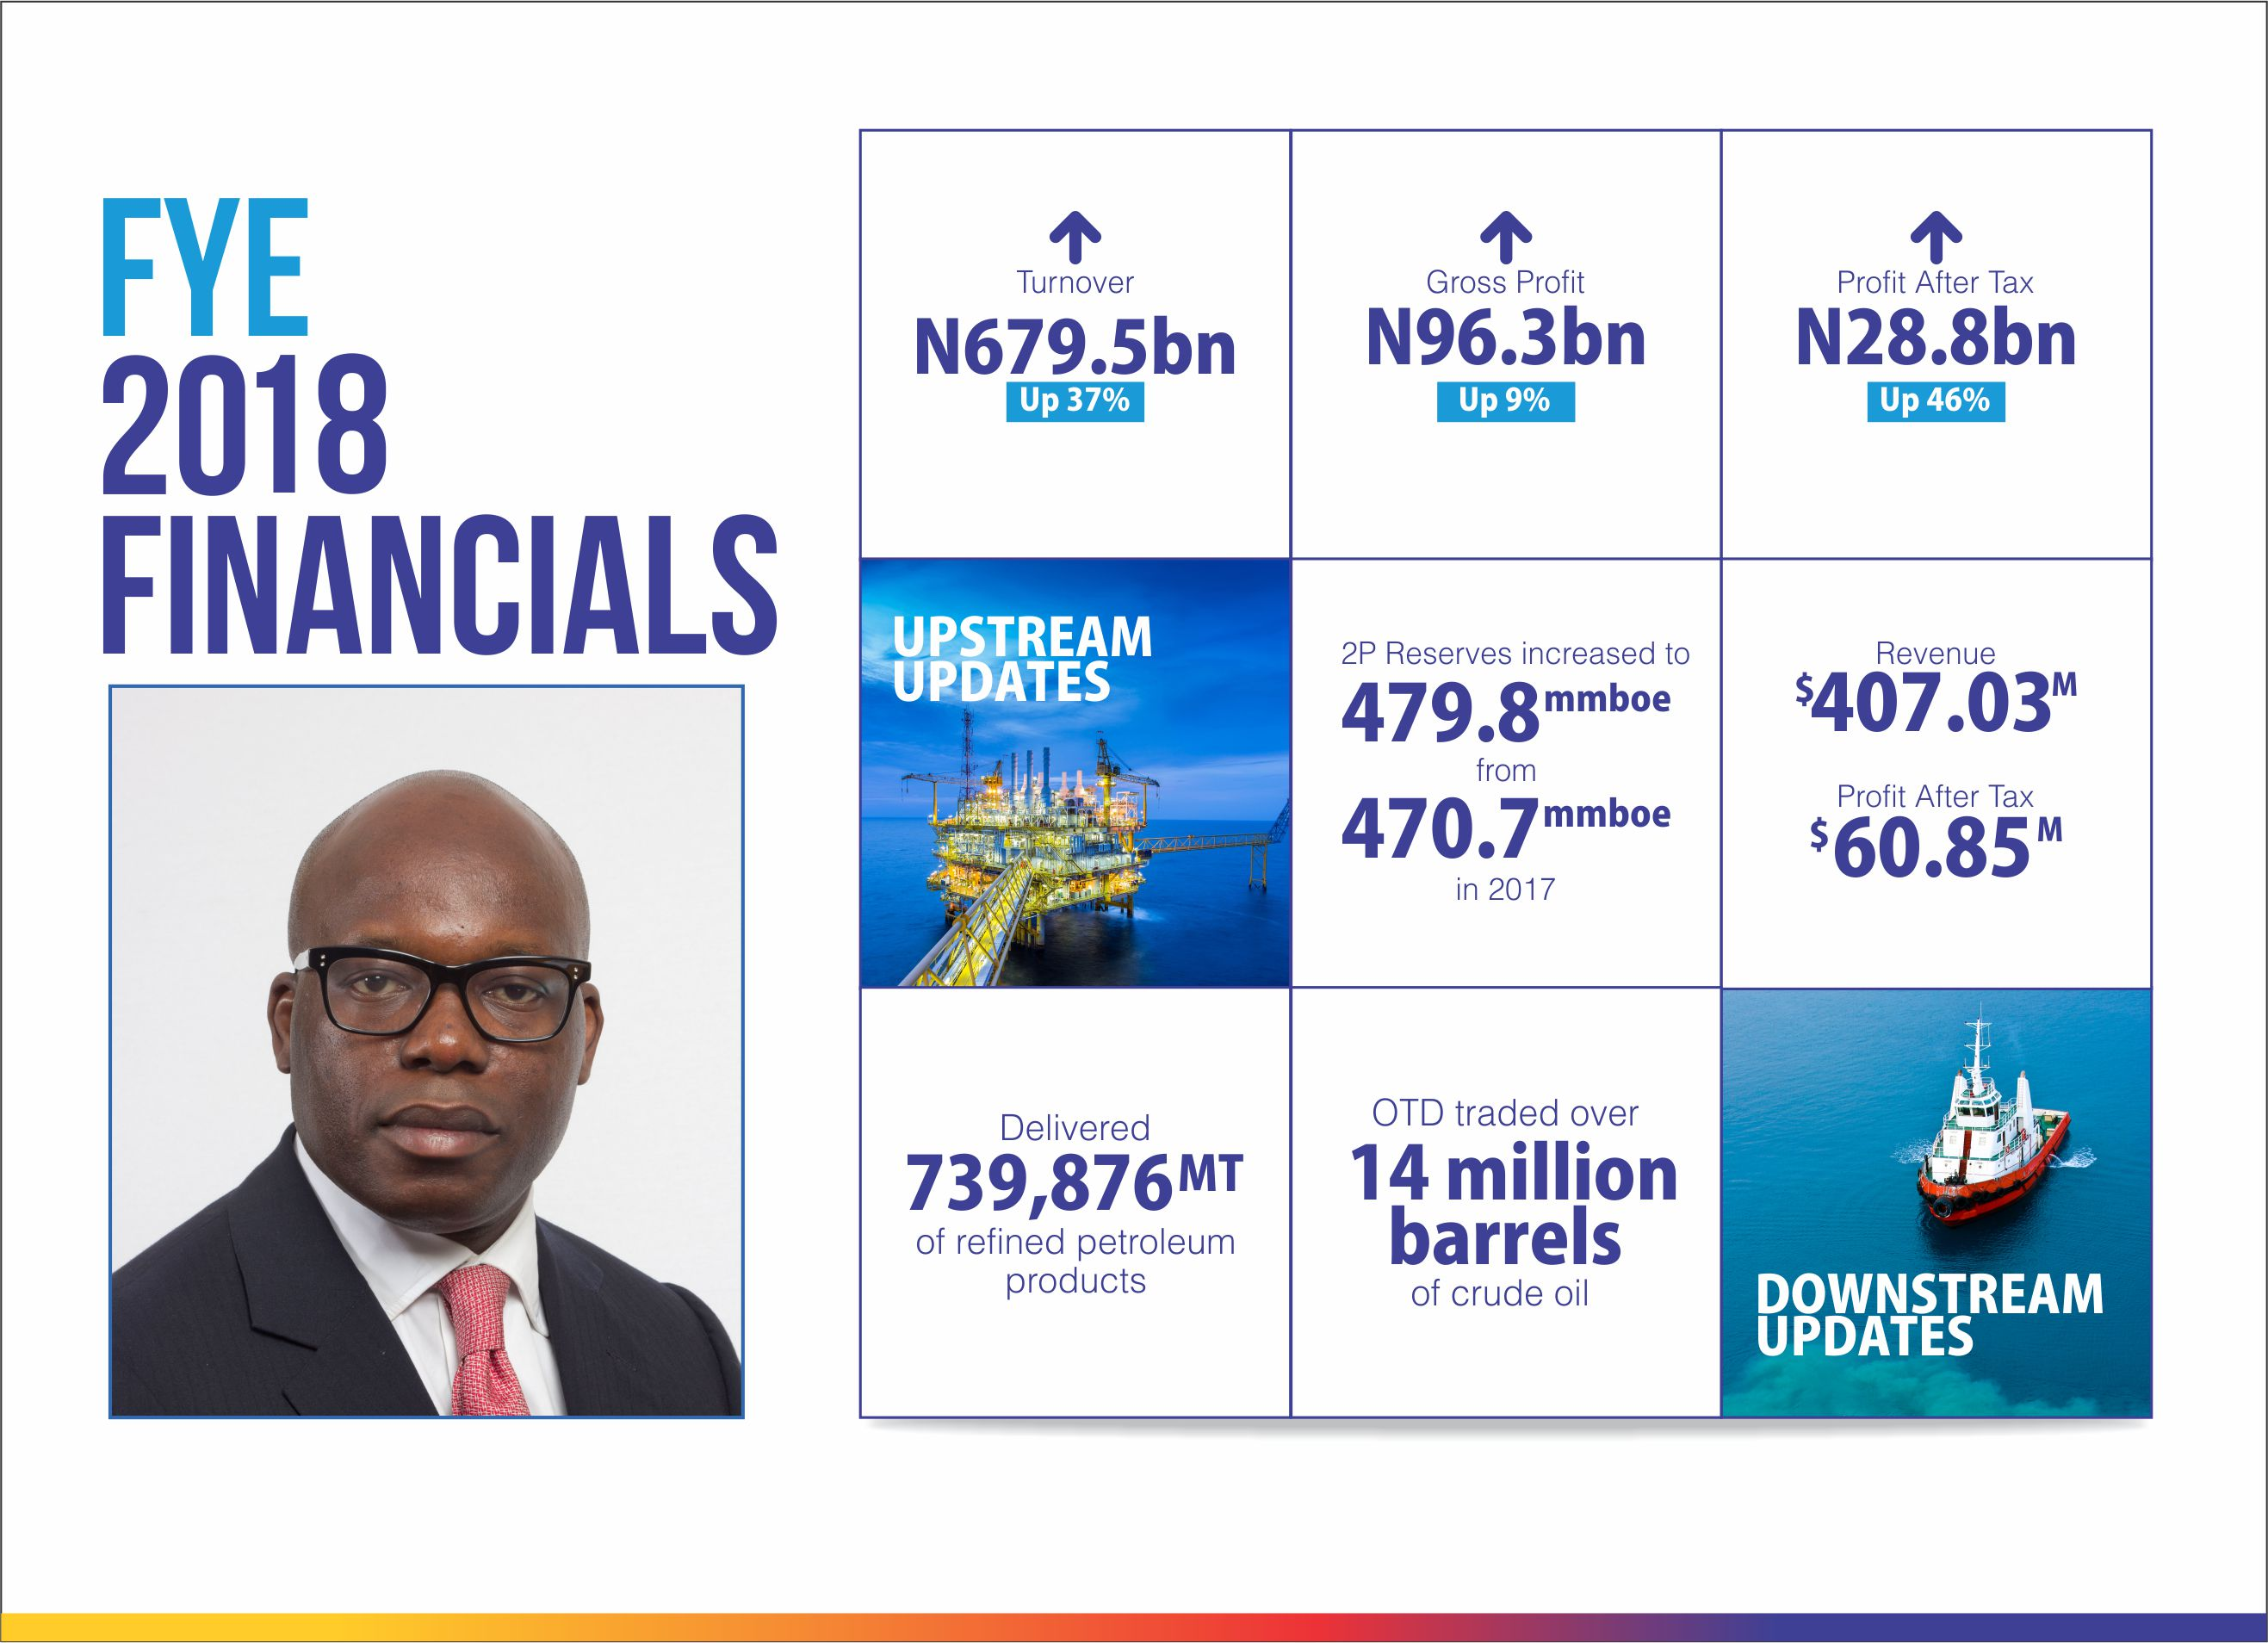 Oando Posts N28.8bn PAT In FYE 2018